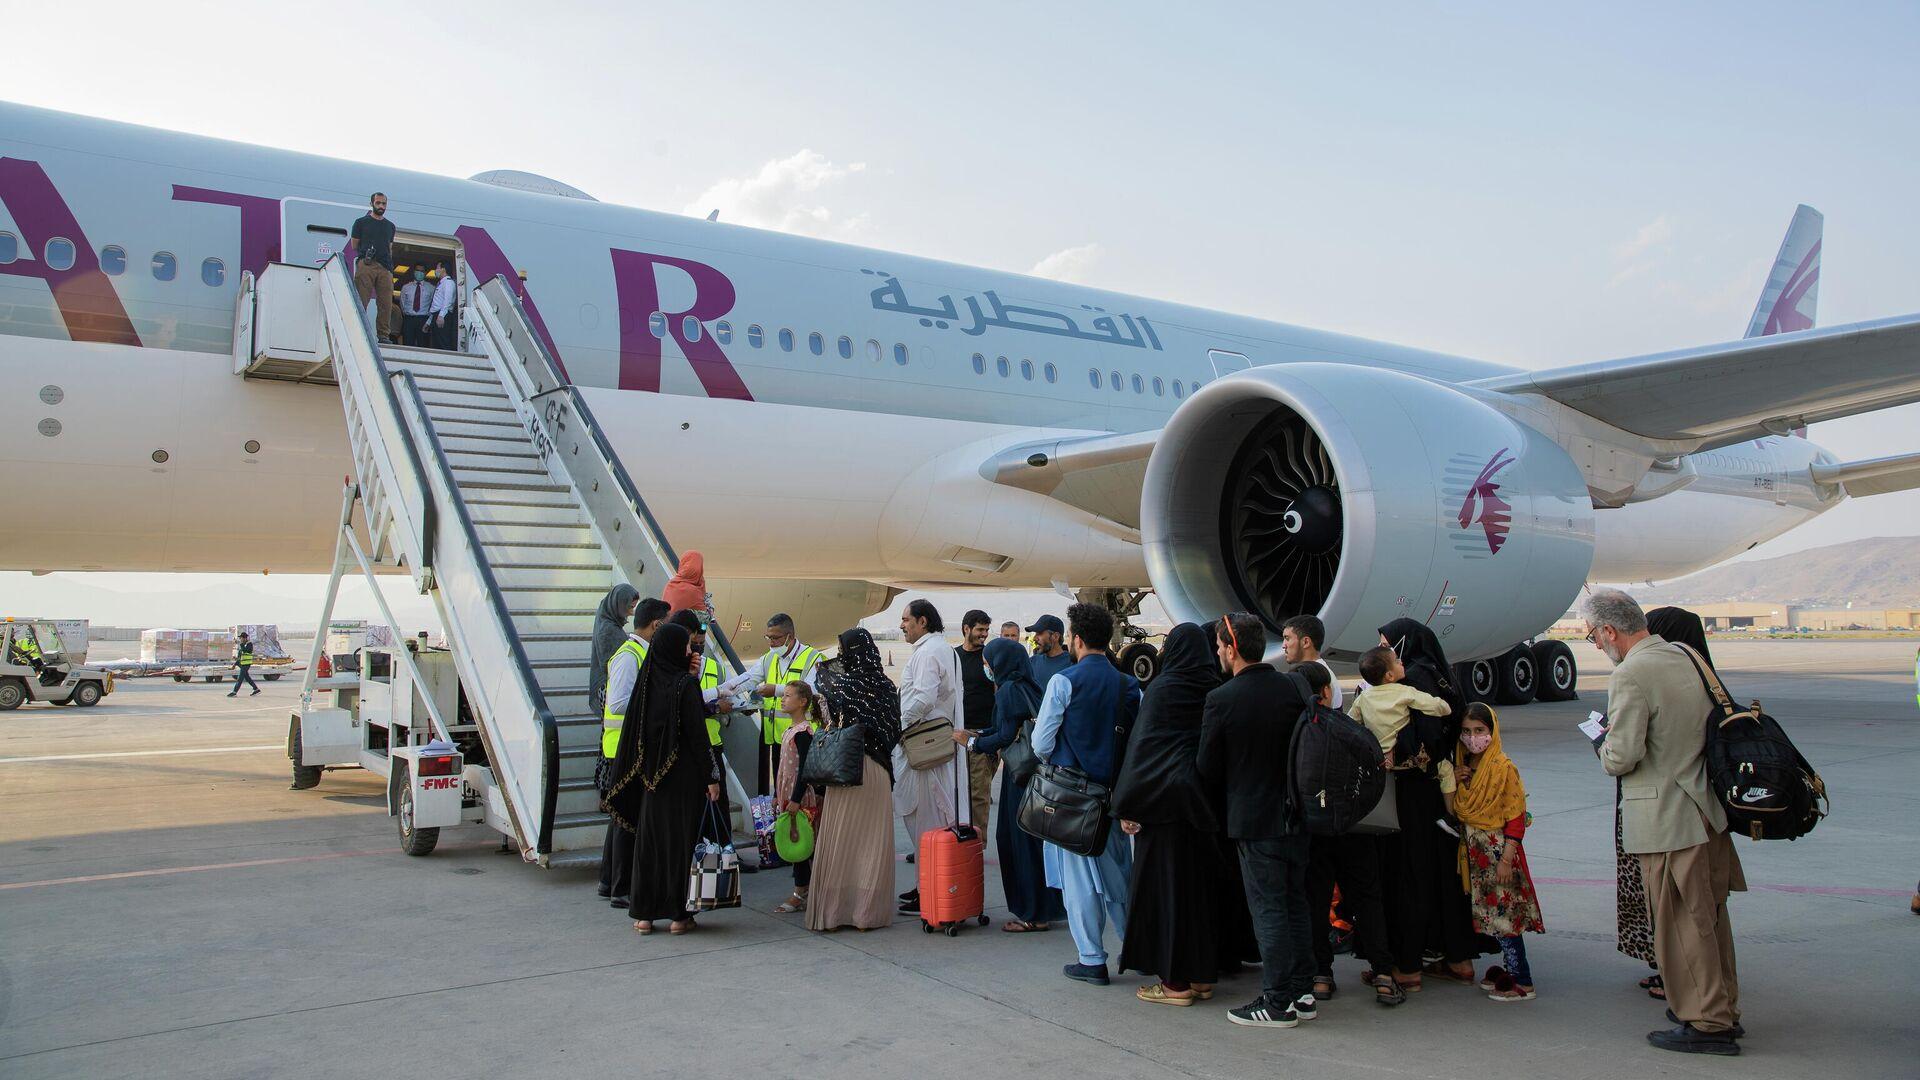 Pasajeros afganos frente a un avión en el Aeropuerto Internacional de Kabul, Afganistán, el 19 de septiembre de 2021 - Sputnik Mundo, 1920, 26.09.2021